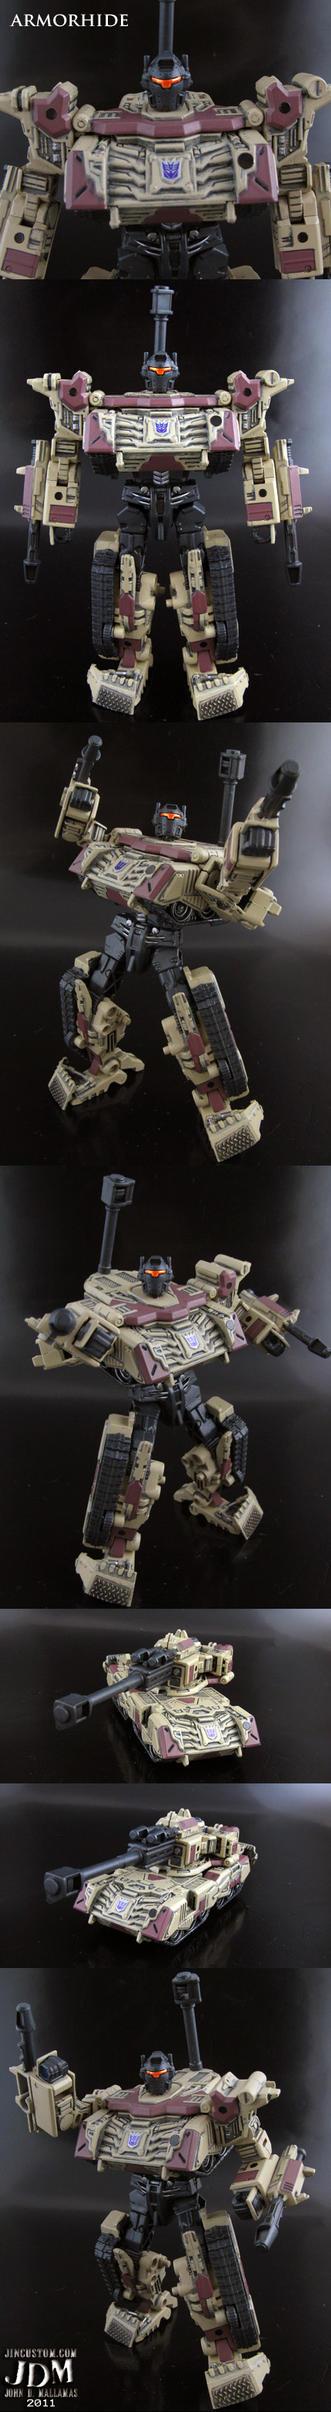 Decepticon Armorhide by Jin-Saotome